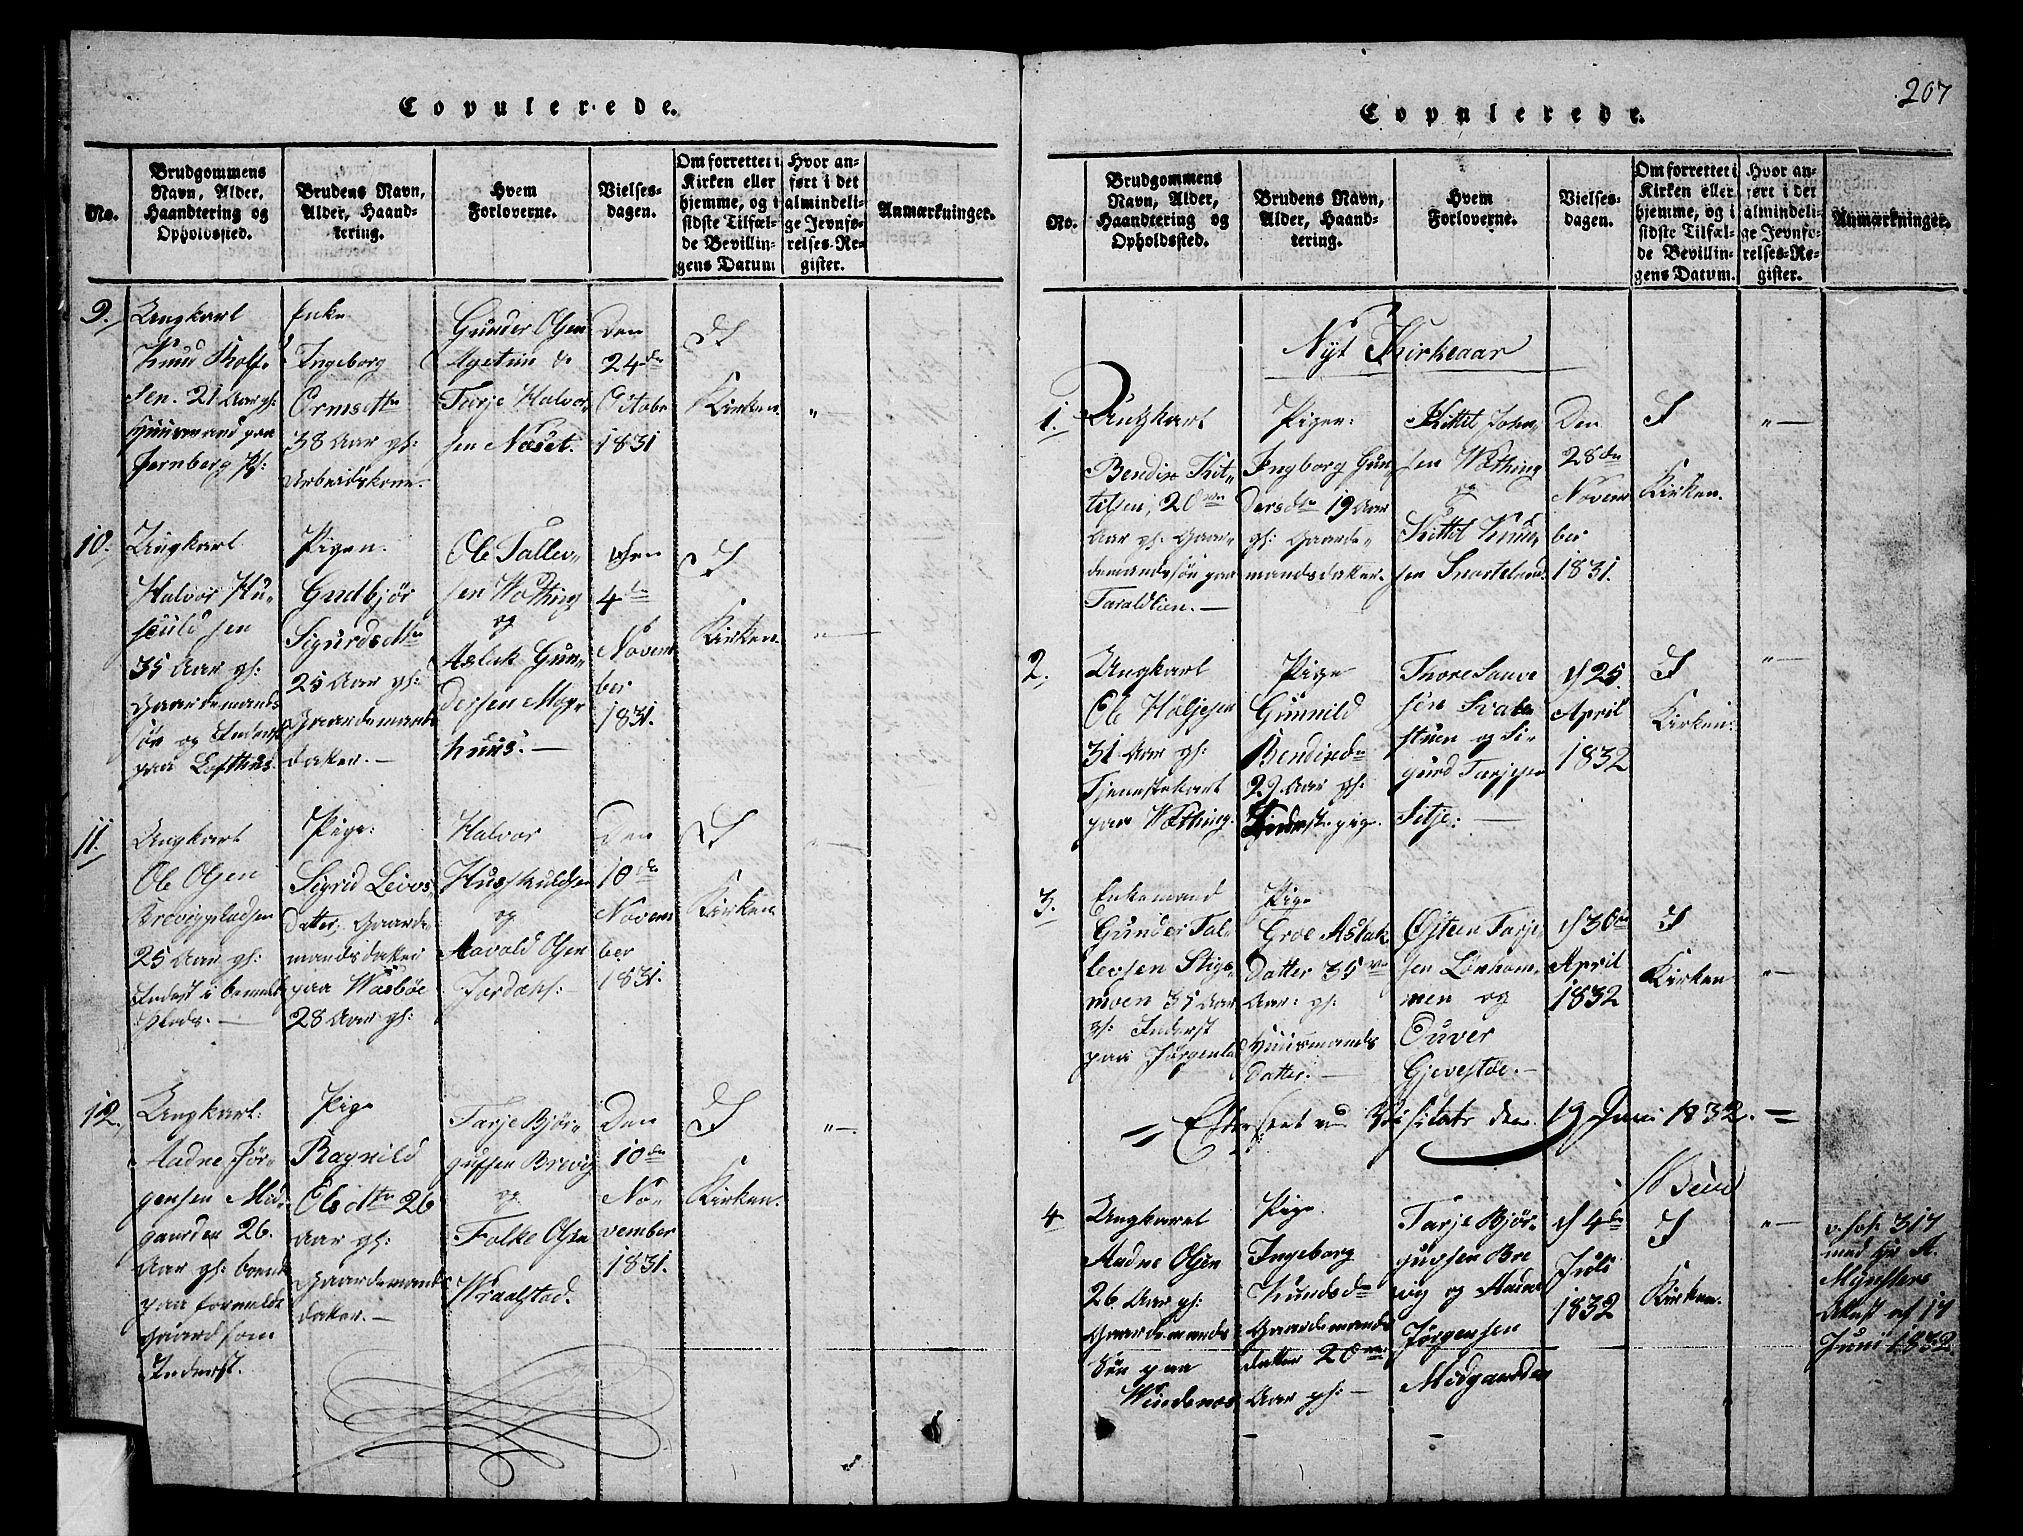 SAKO, Fyresdal kirkebøker, G/Ga/L0001: Klokkerbok nr. I 1, 1816-1840, s. 207